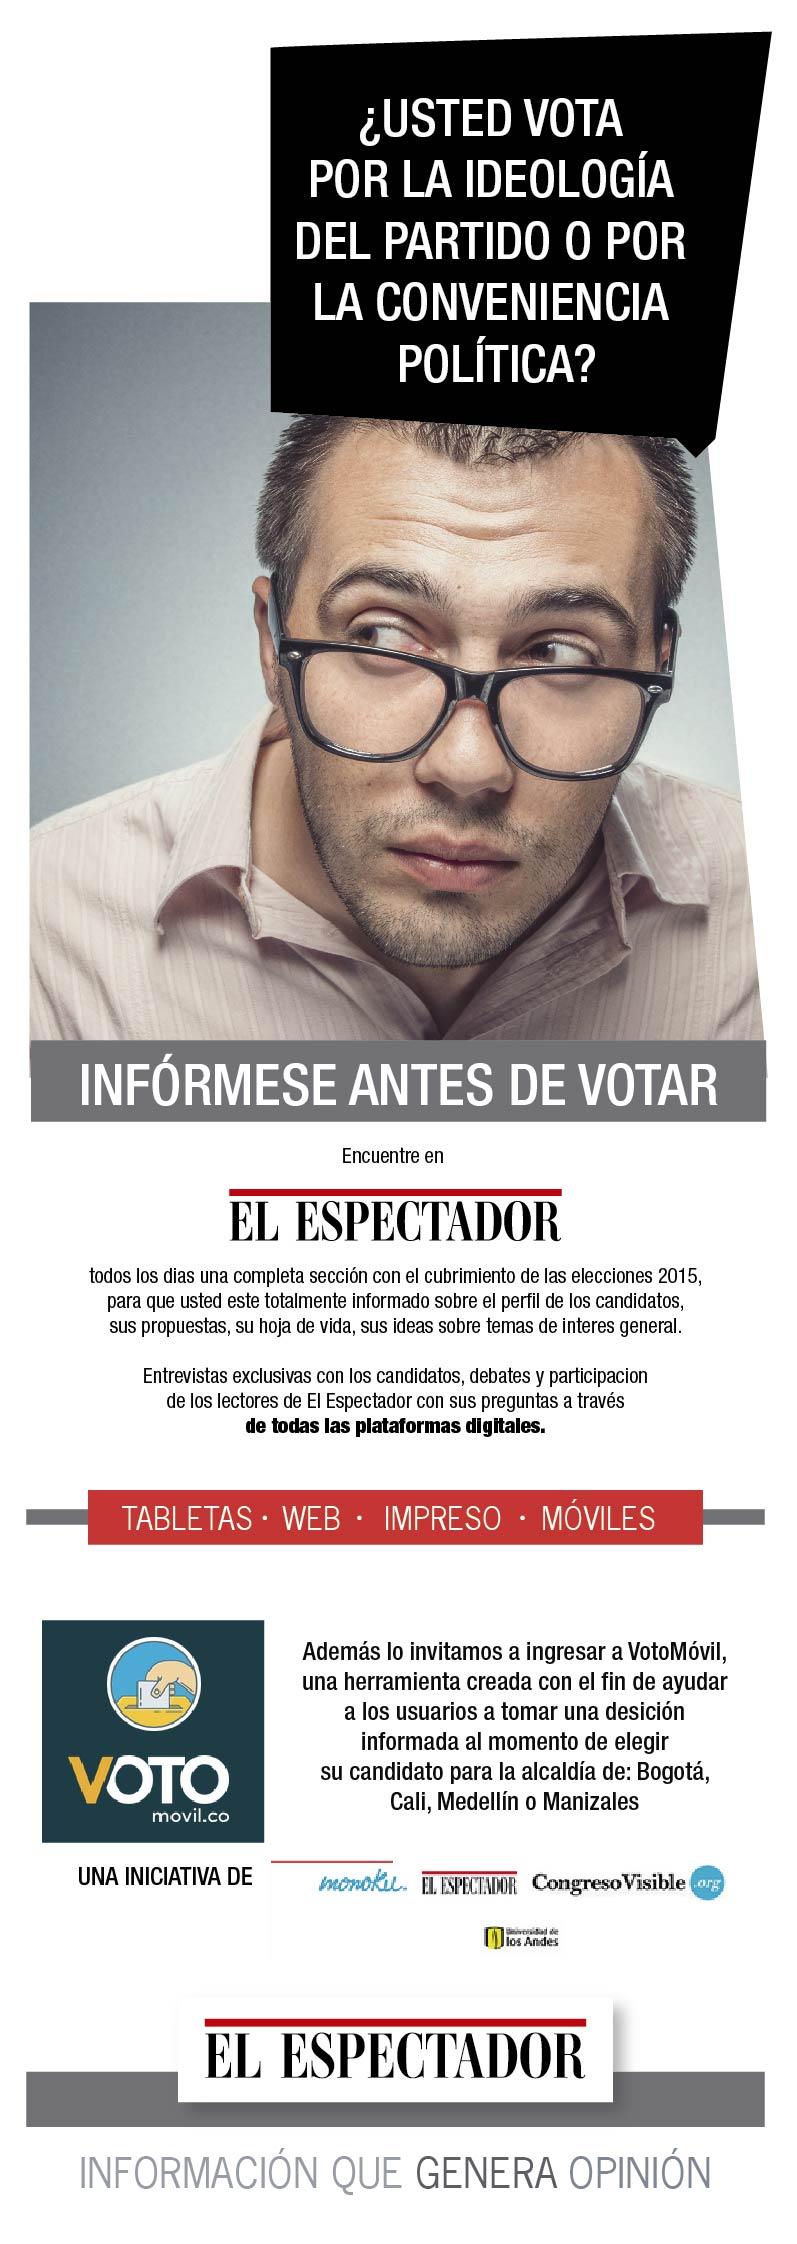 Vote a Conciencia